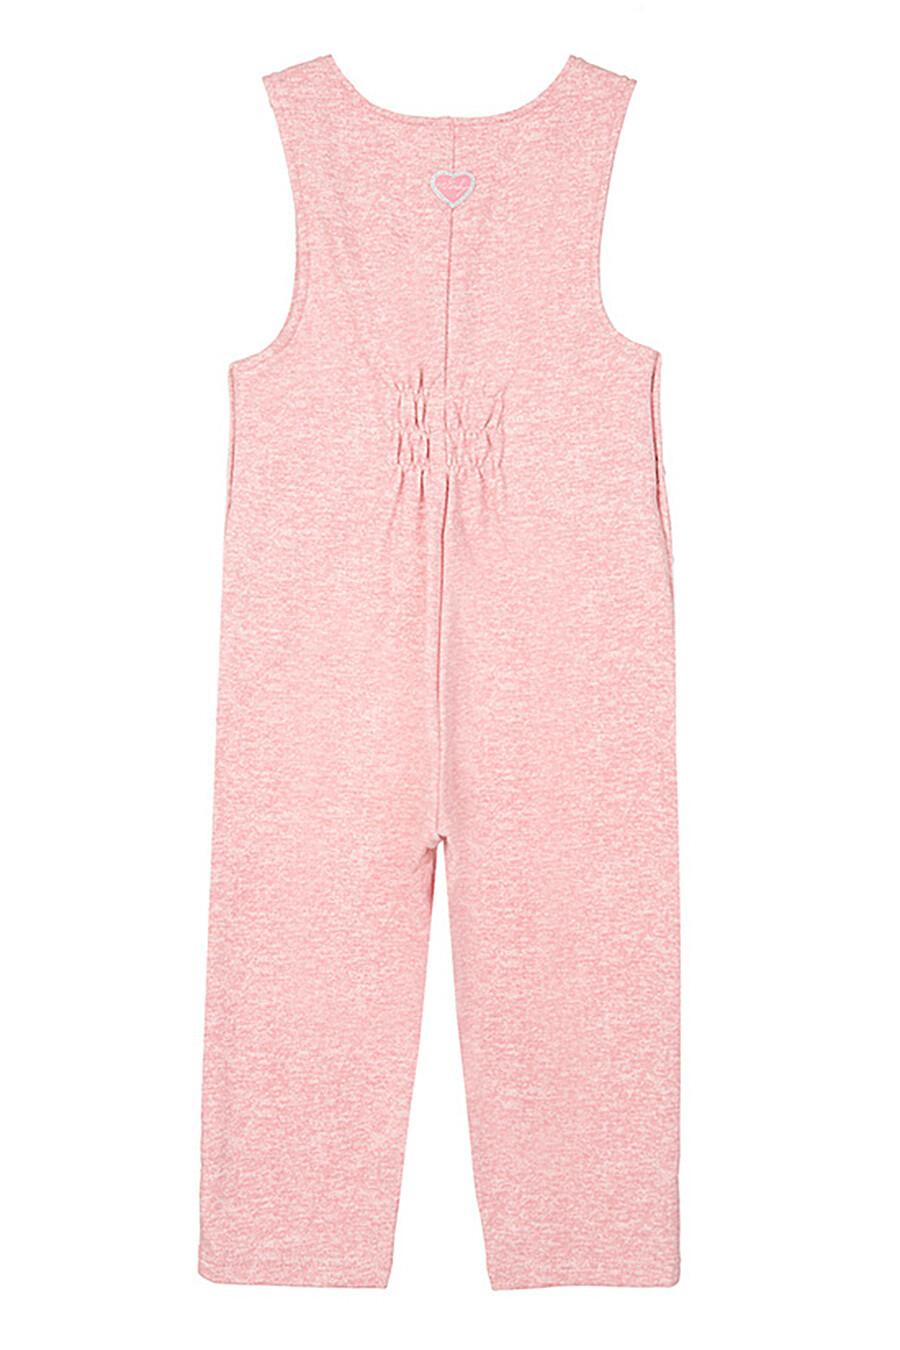 Полуомбинезон для девочек PLAYTODAY 239108 купить оптом от производителя. Совместная покупка детской одежды в OptMoyo